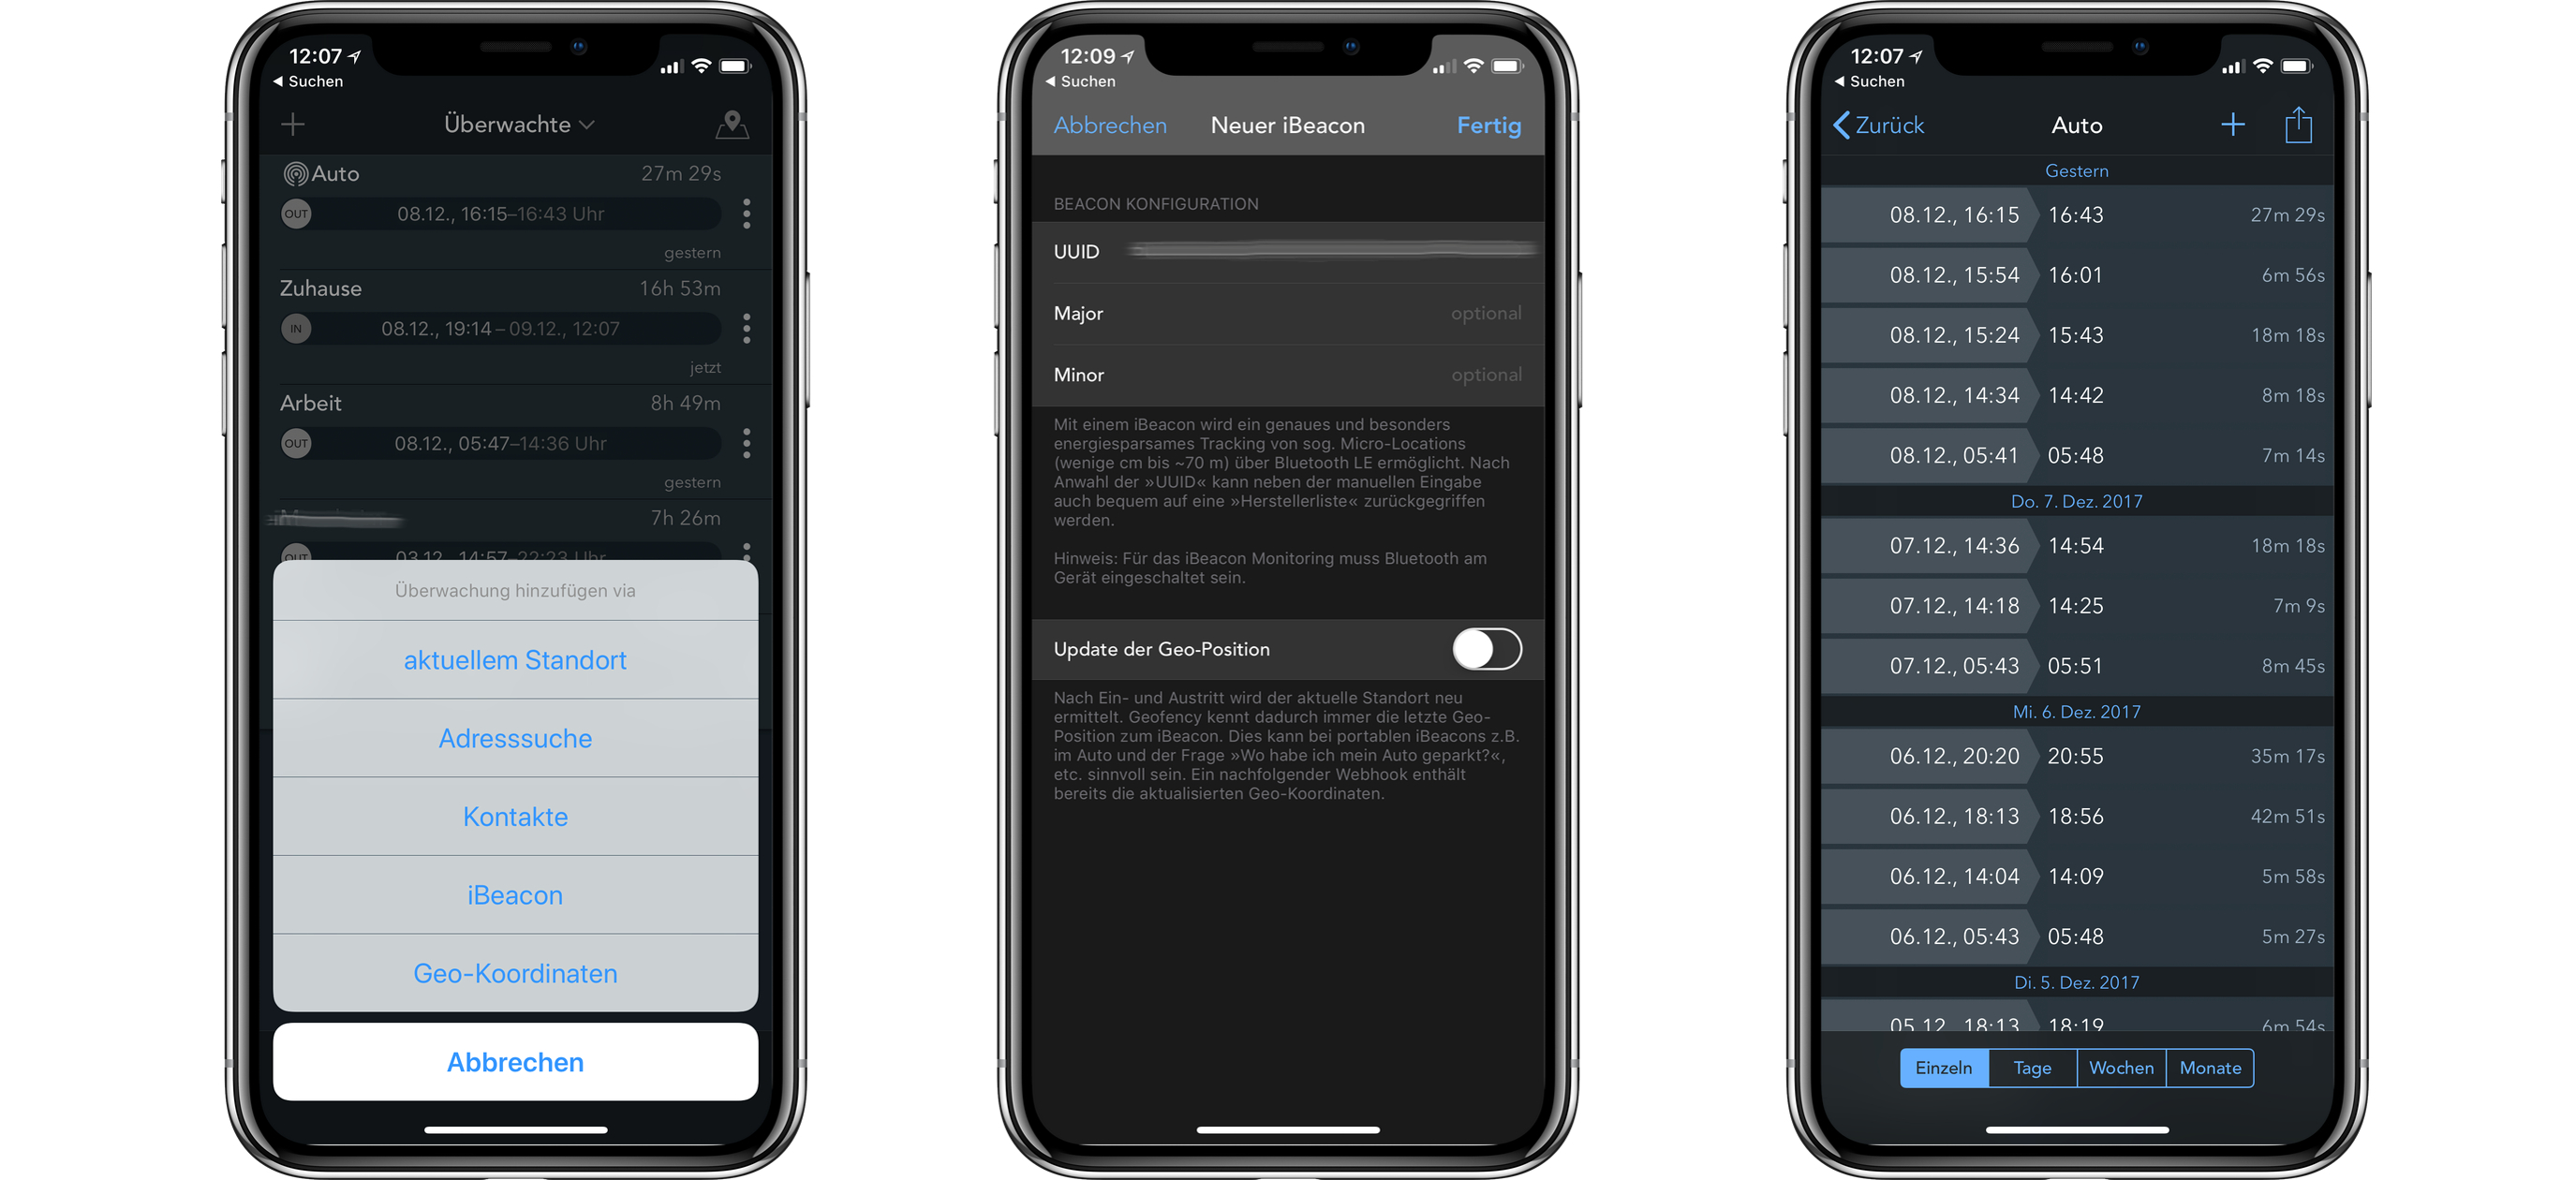 Geofency-iBeacons-iOS-Screenshot iBeacon als Microlocation für Orts- und Zeiterfassung nutzen - so geht's